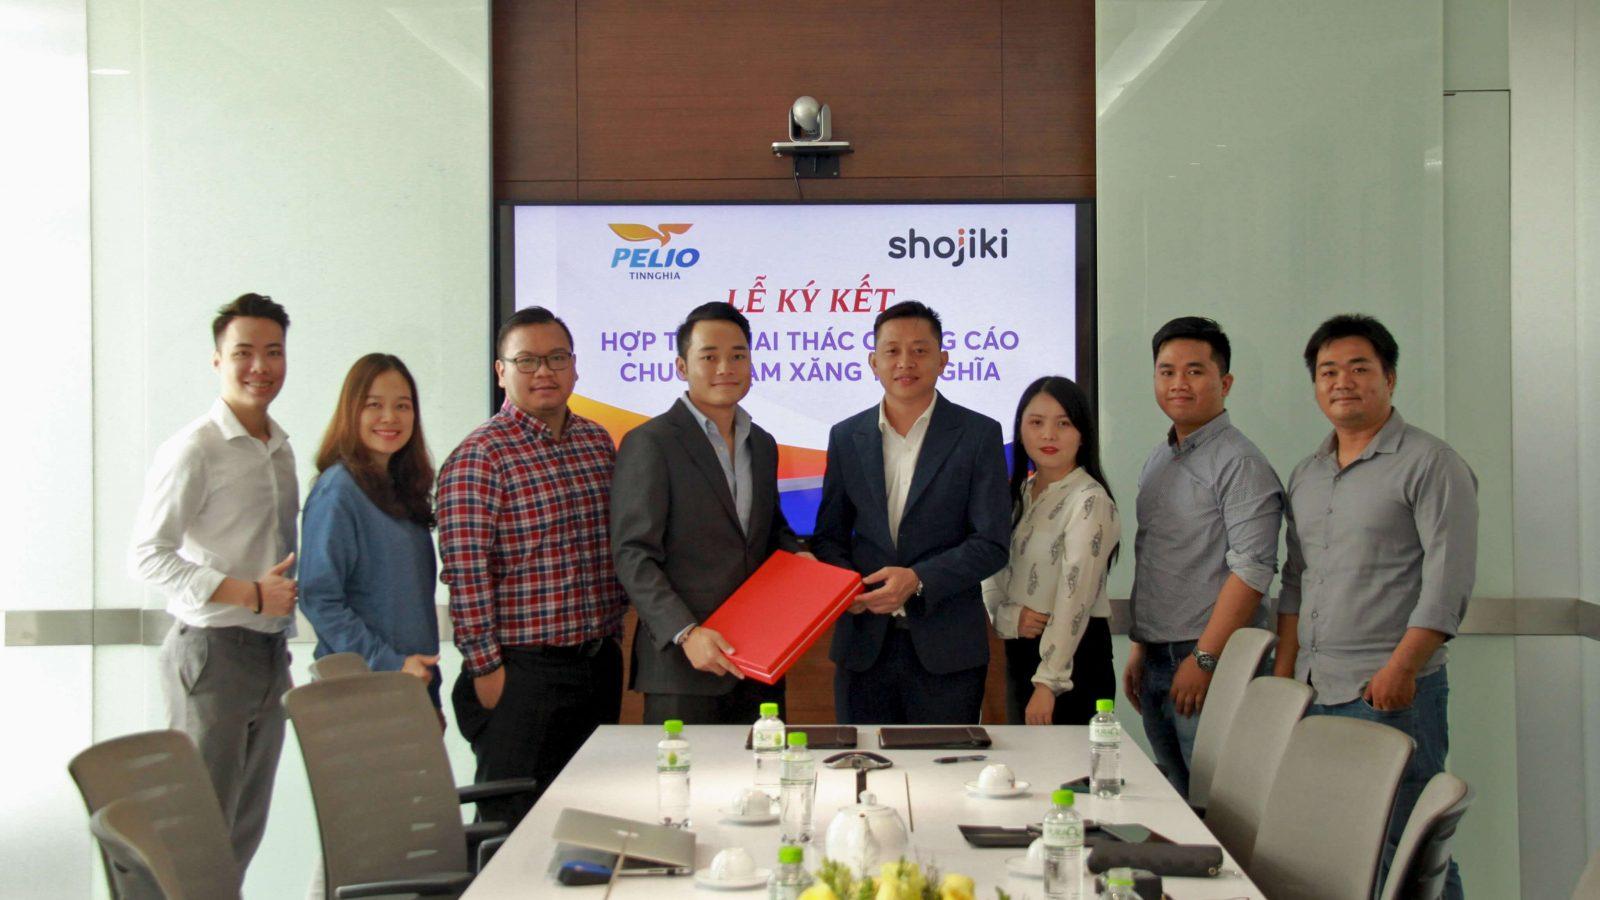 Shojiki ký kết hợp tác với Pelio Tín Nghĩa